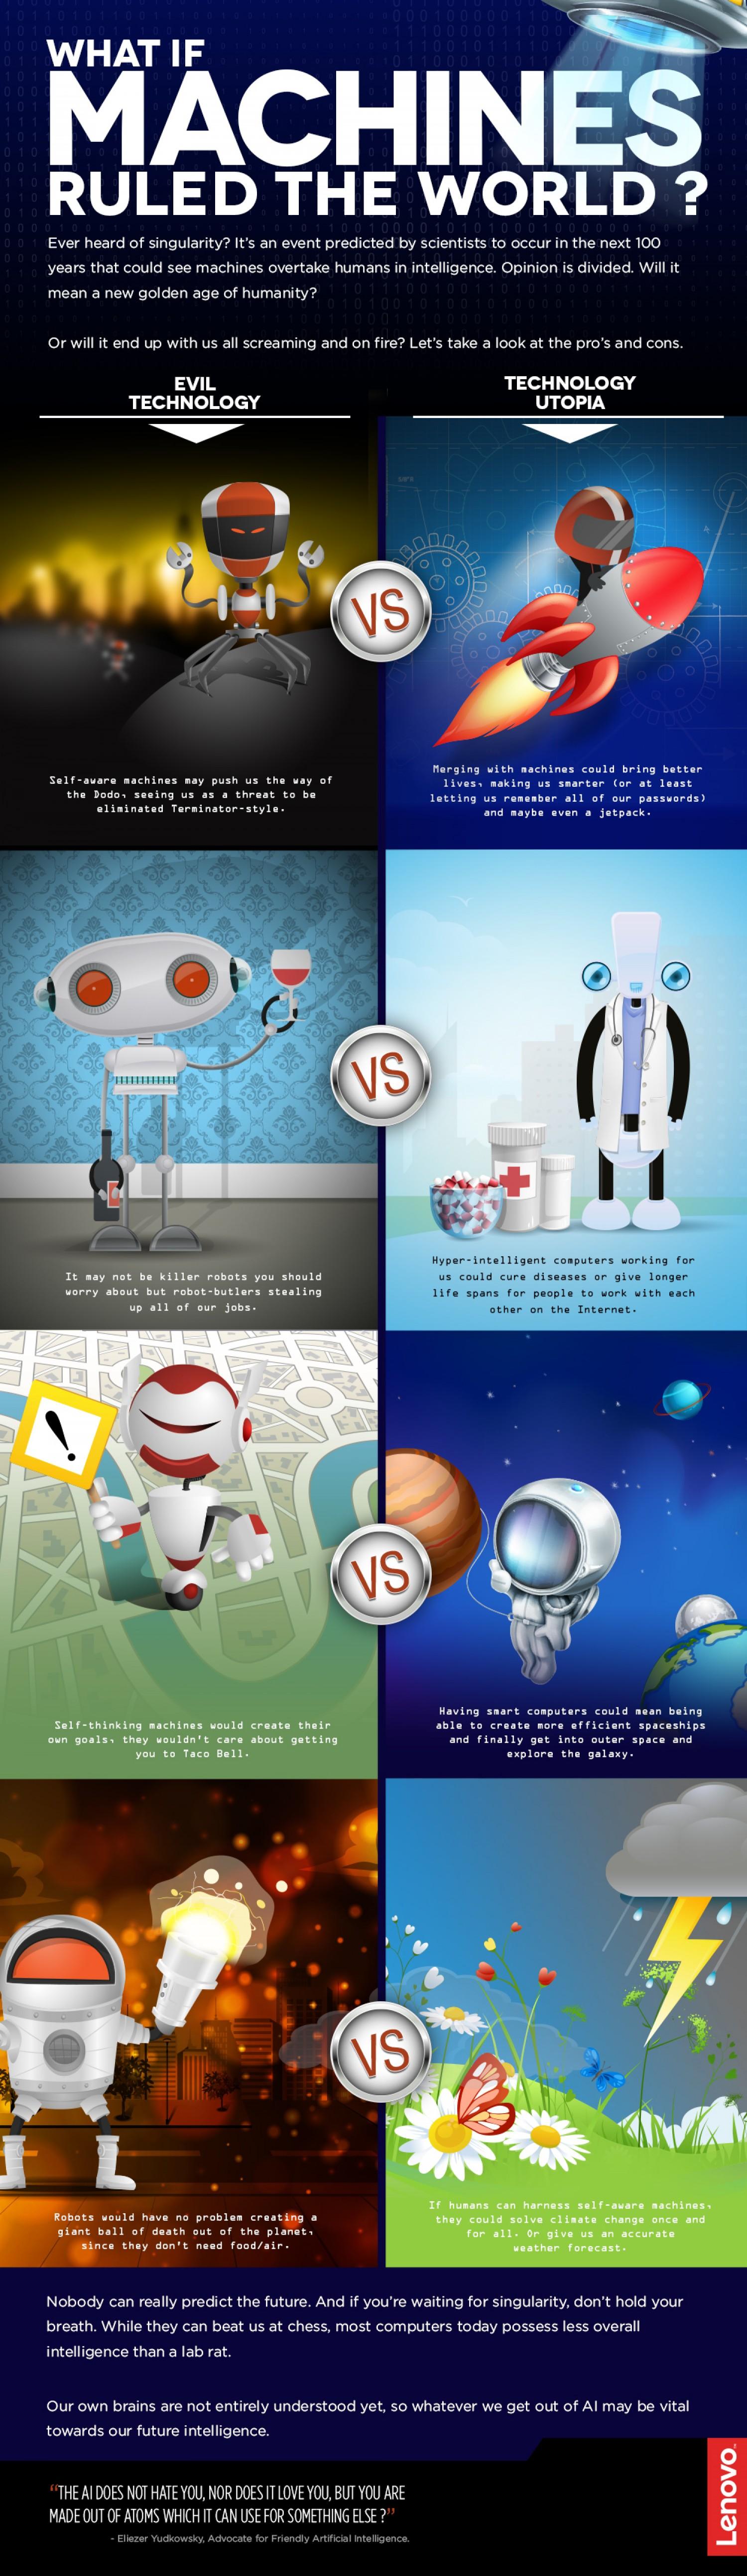 Maldad vs Utopía ¿Y si las máquinas gobernaran el mundo?